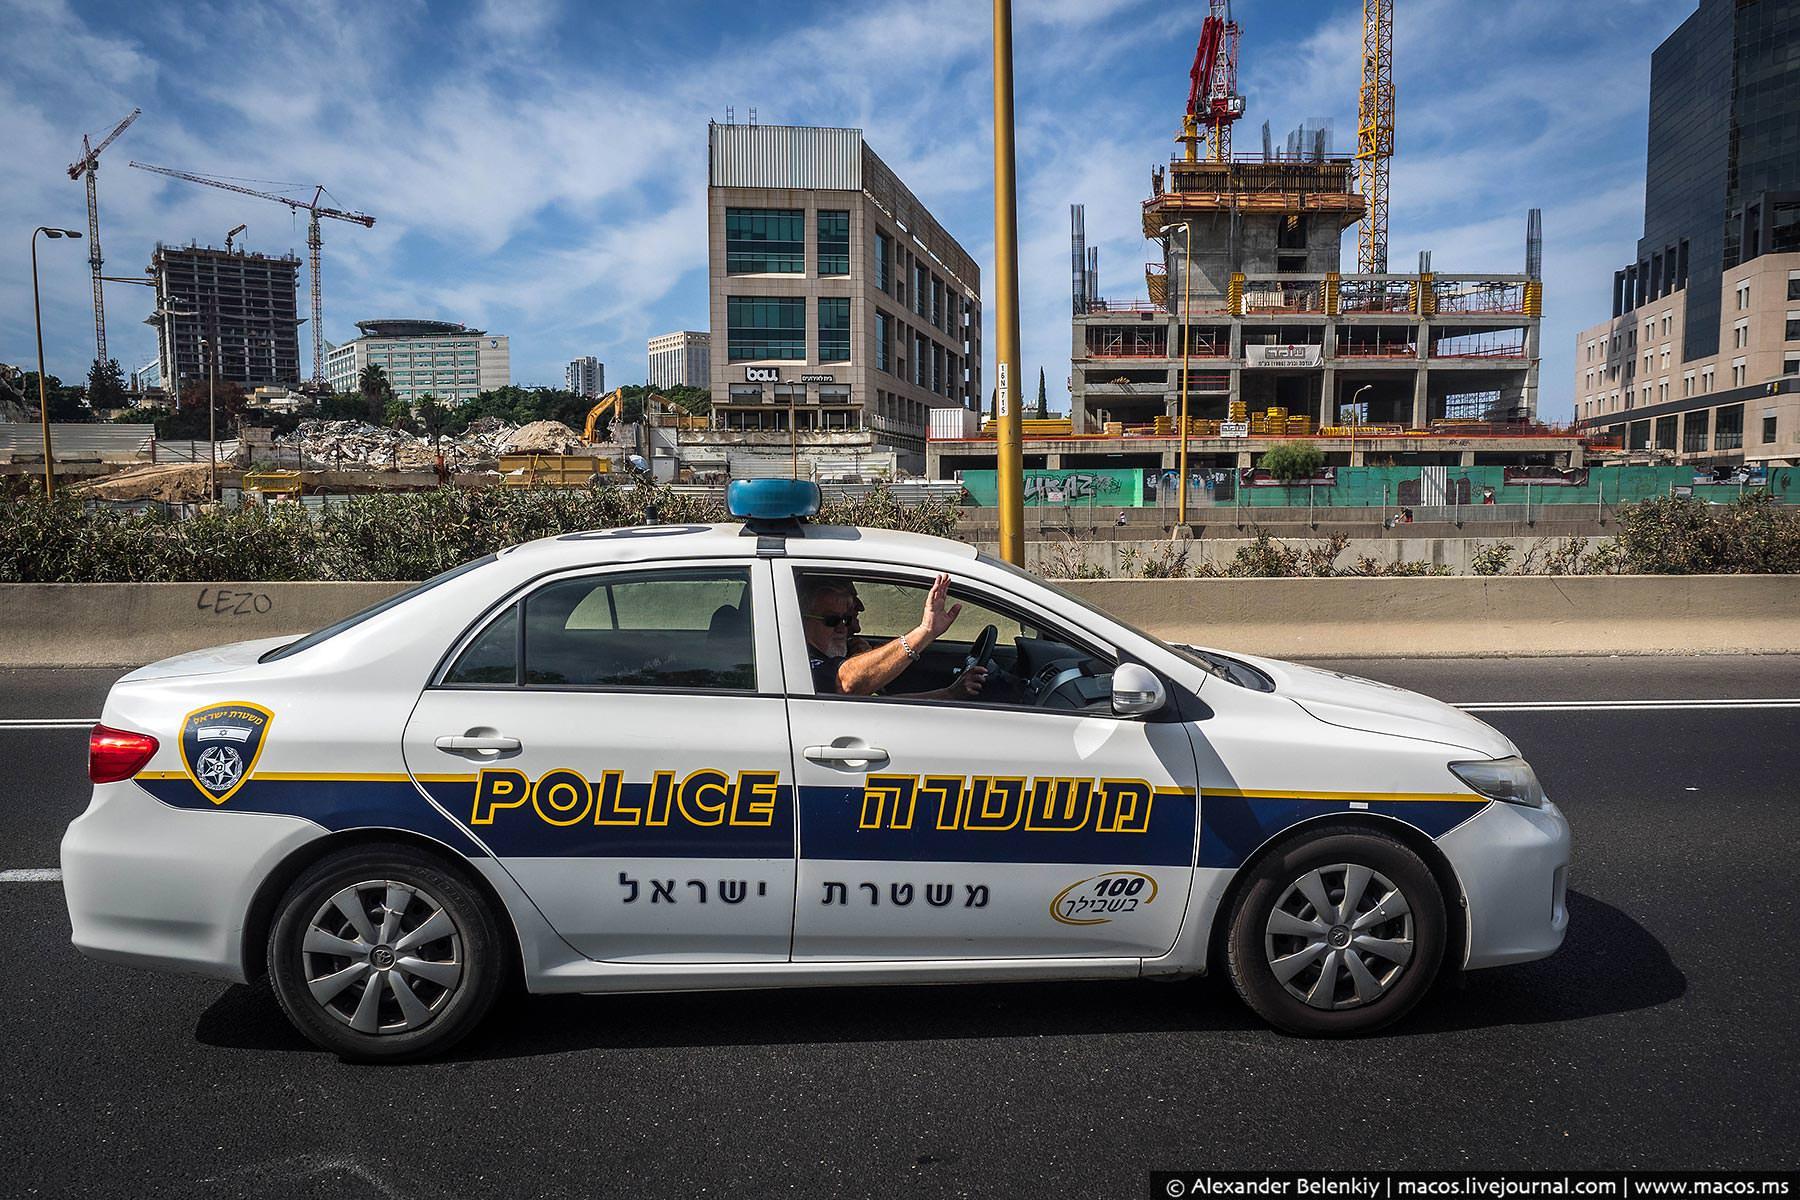 Пока я стоял на Аялоне и записывал видеотрансляцию, мимо проезжала полицейская машина. Служители пор